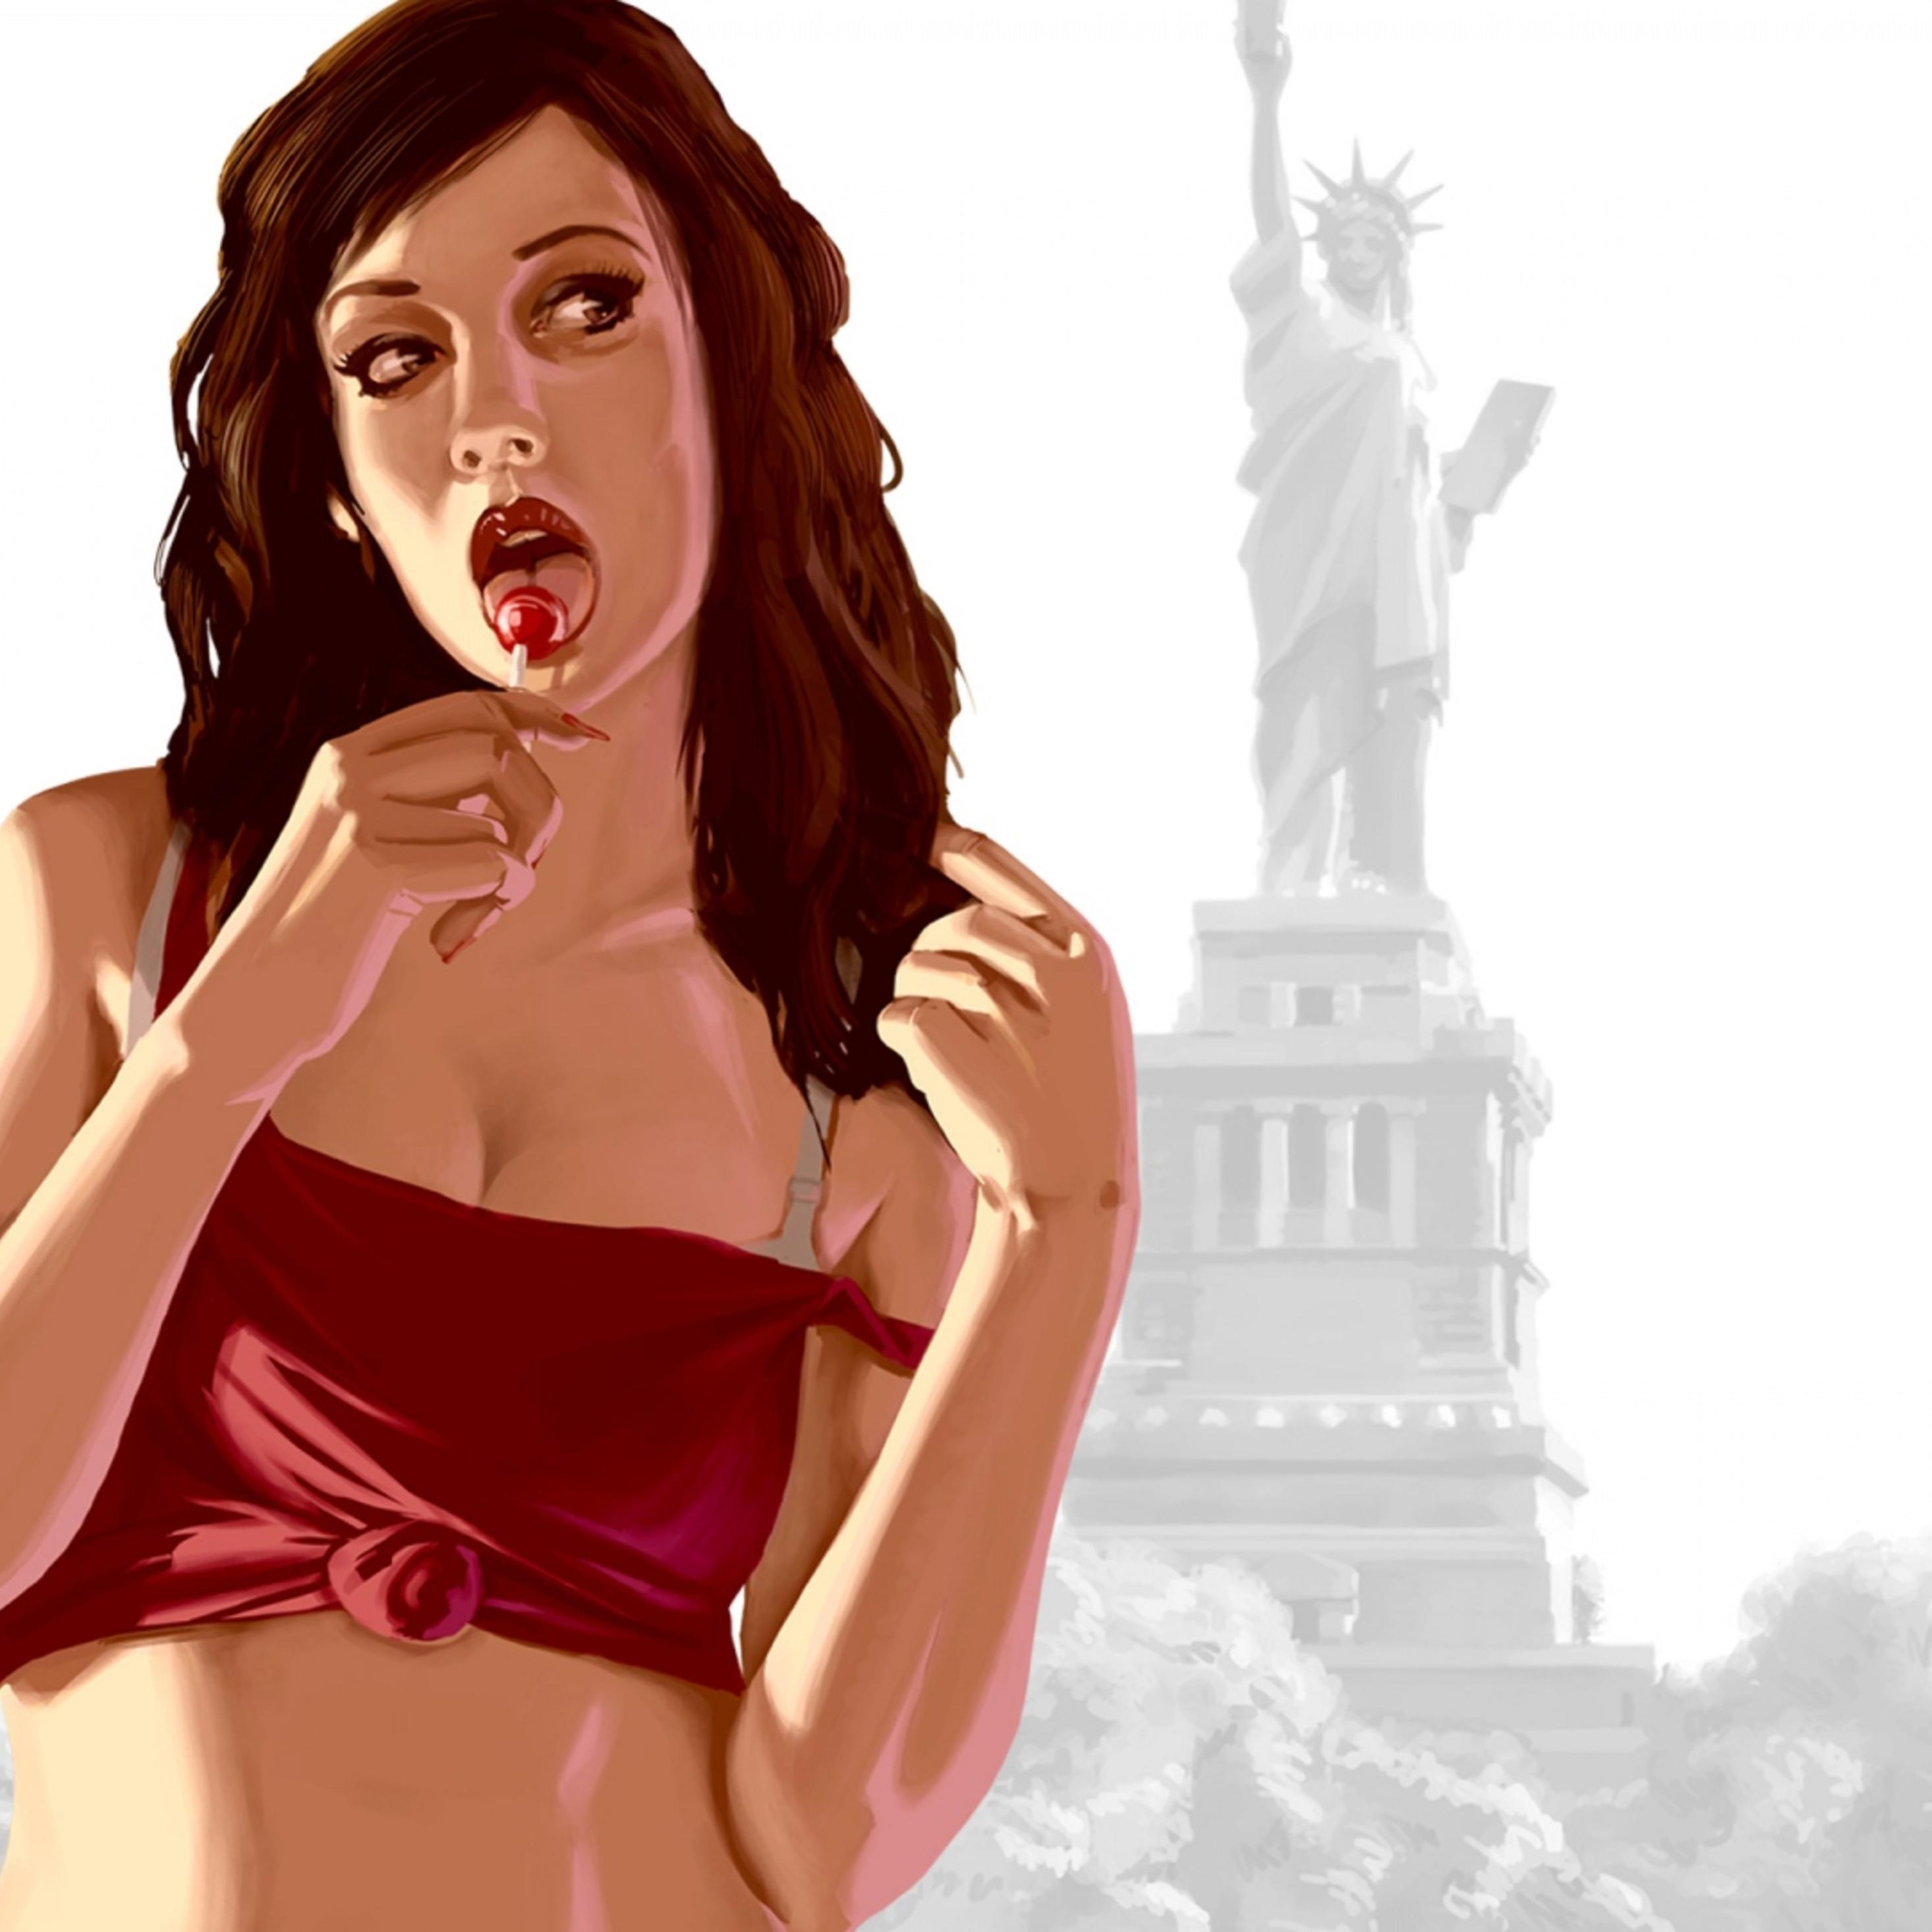 gta-lolipop-girl-wide.jpg